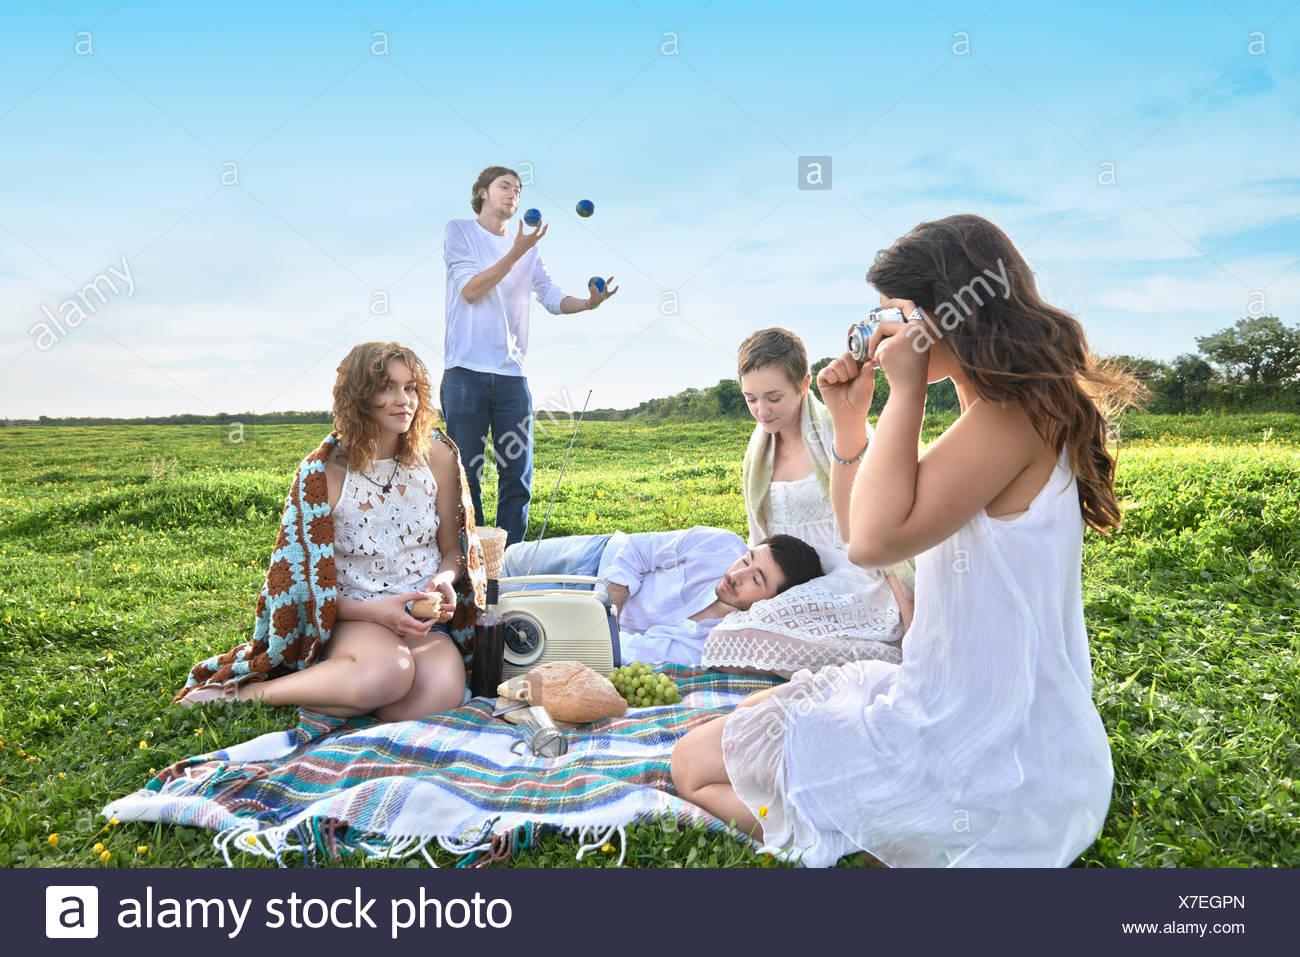 Grupo de amigos adultos jóvenes haciendo un picnic en el campo Foto de stock